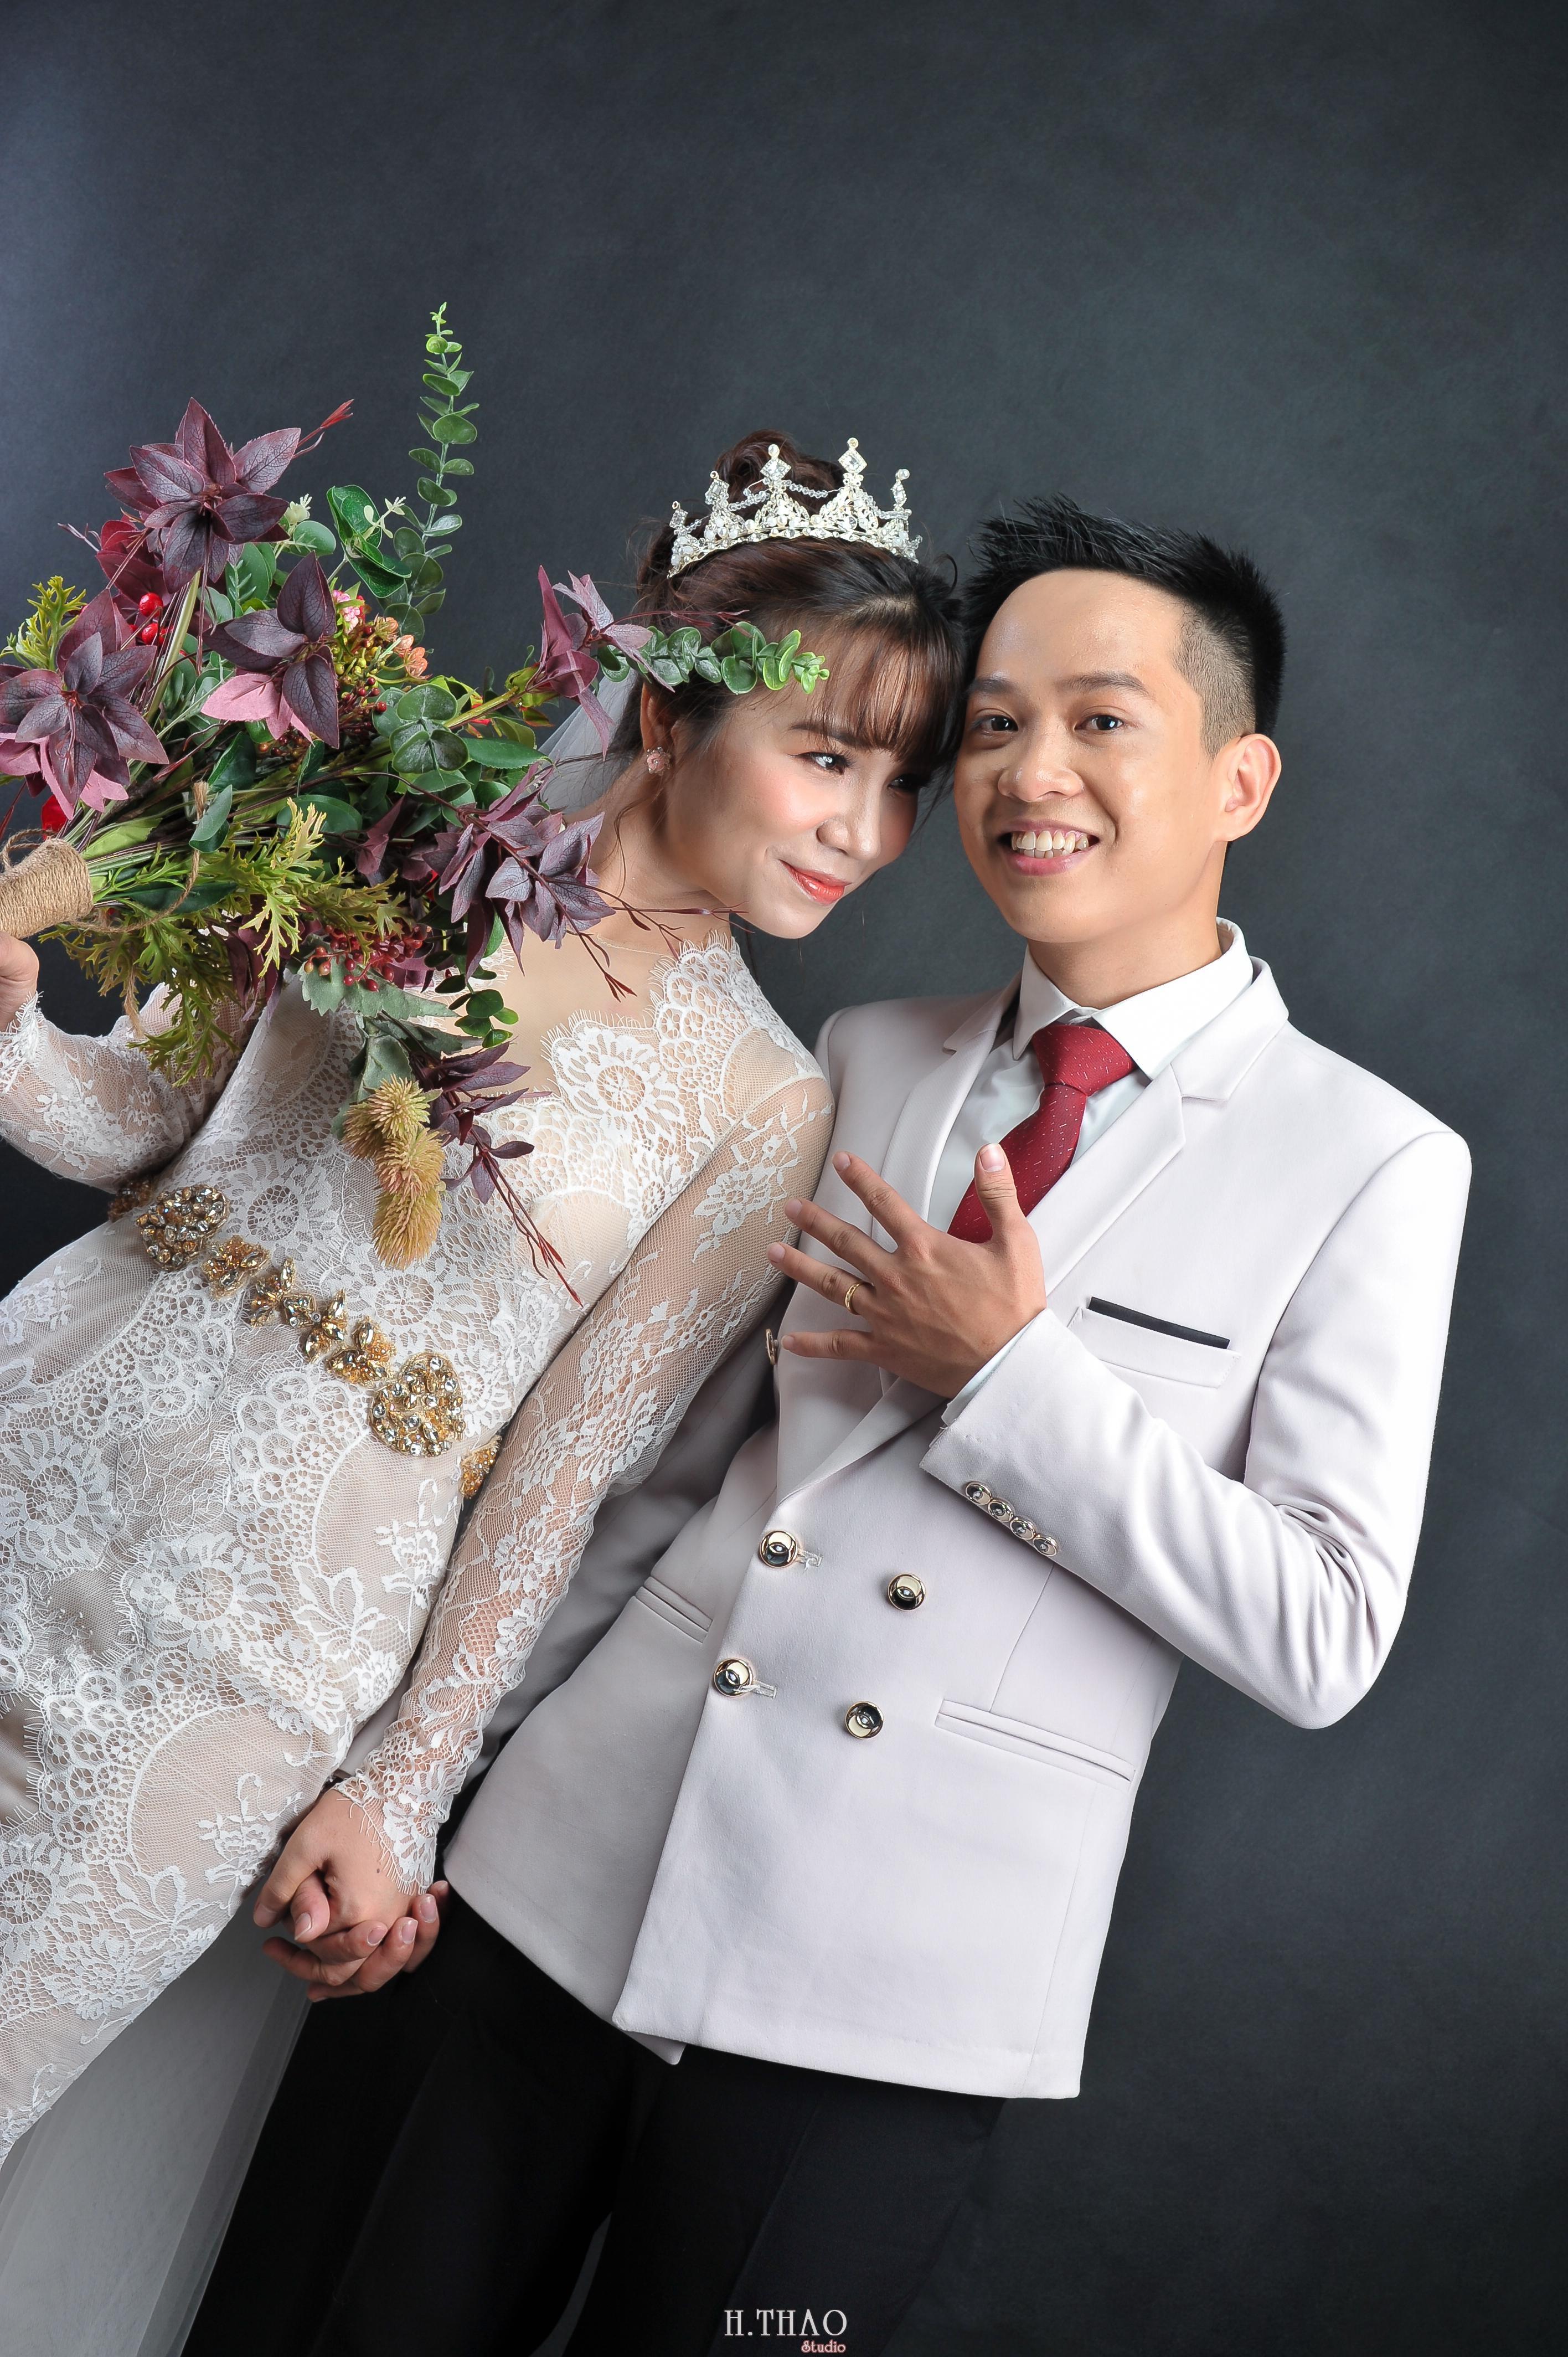 Anh cuoi style Han quoc 17 min - Chụp ảnh cưới đơn giản mà đẹp tại studio – HThao Studio Tp.HCM